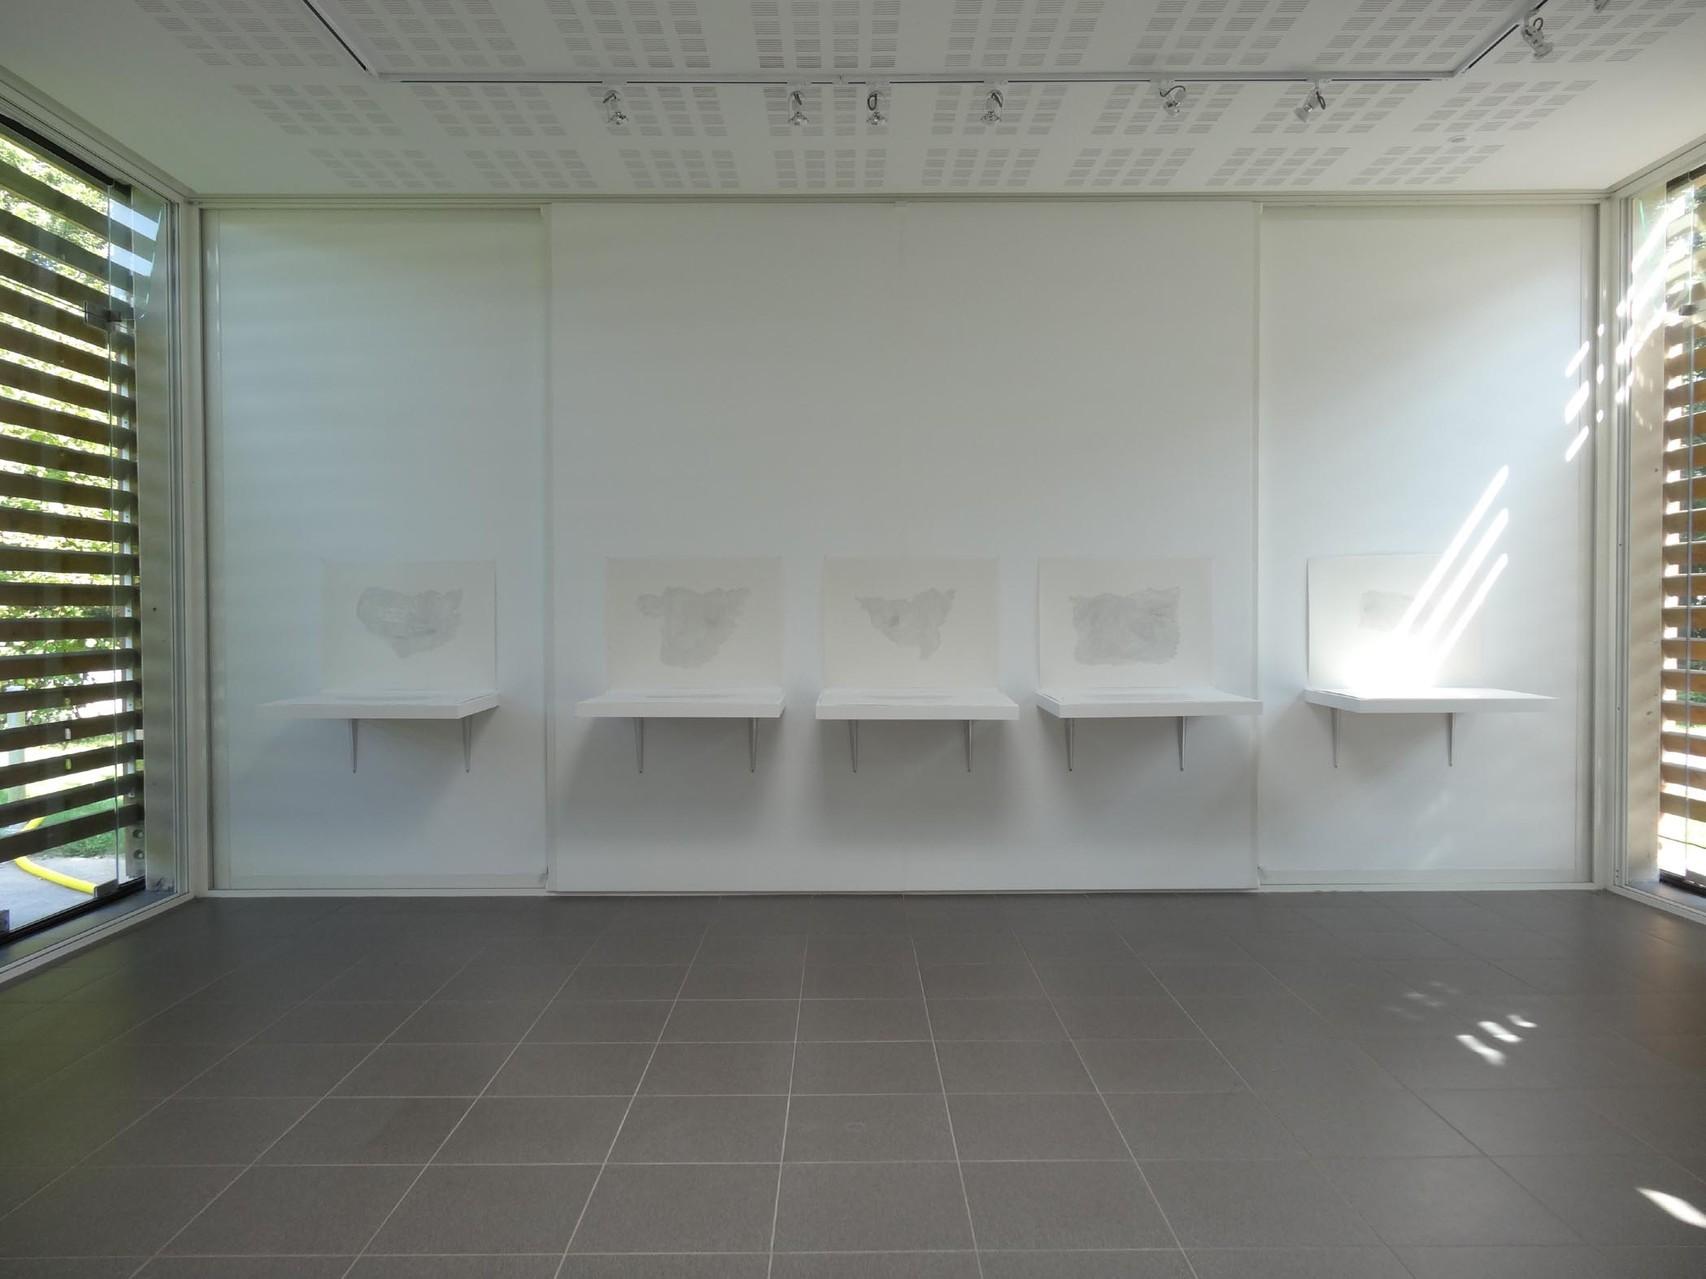 Vue de l'exposition Damien Marchal & Nylso, Trancher. Photo : L'aparté.